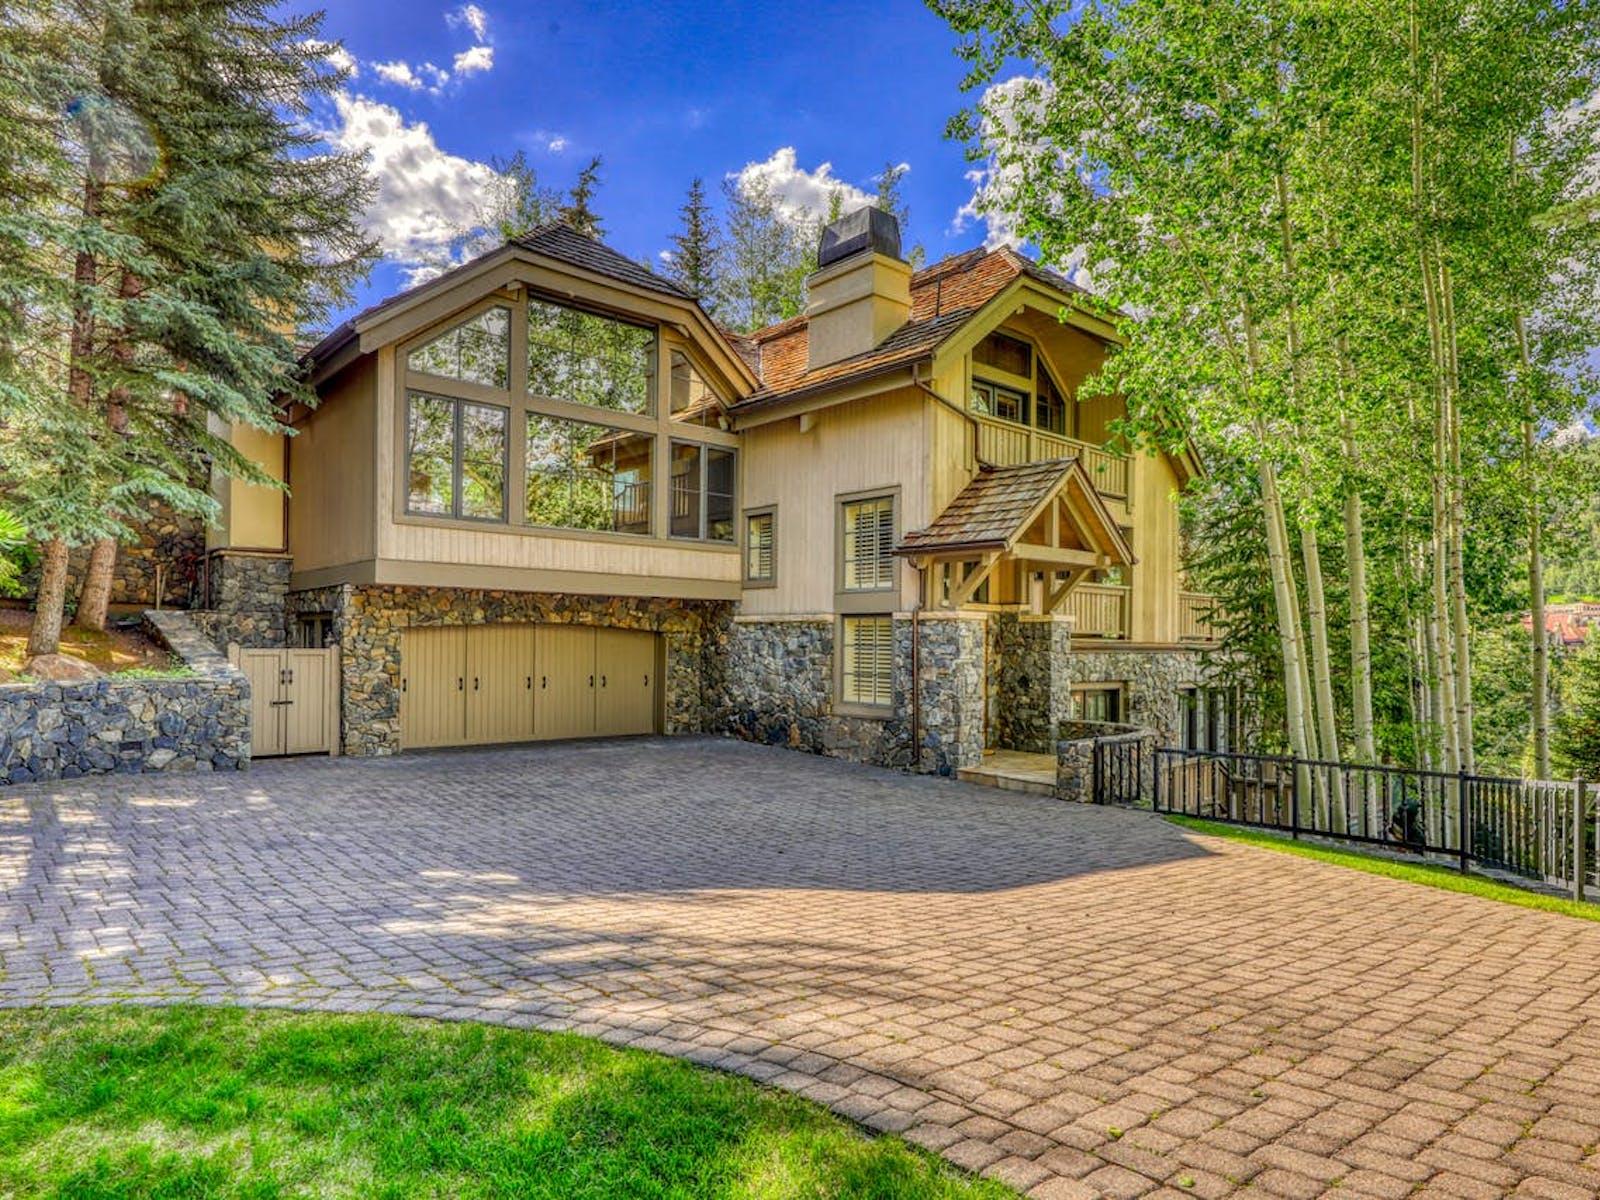 Large vacation rental in Colorado